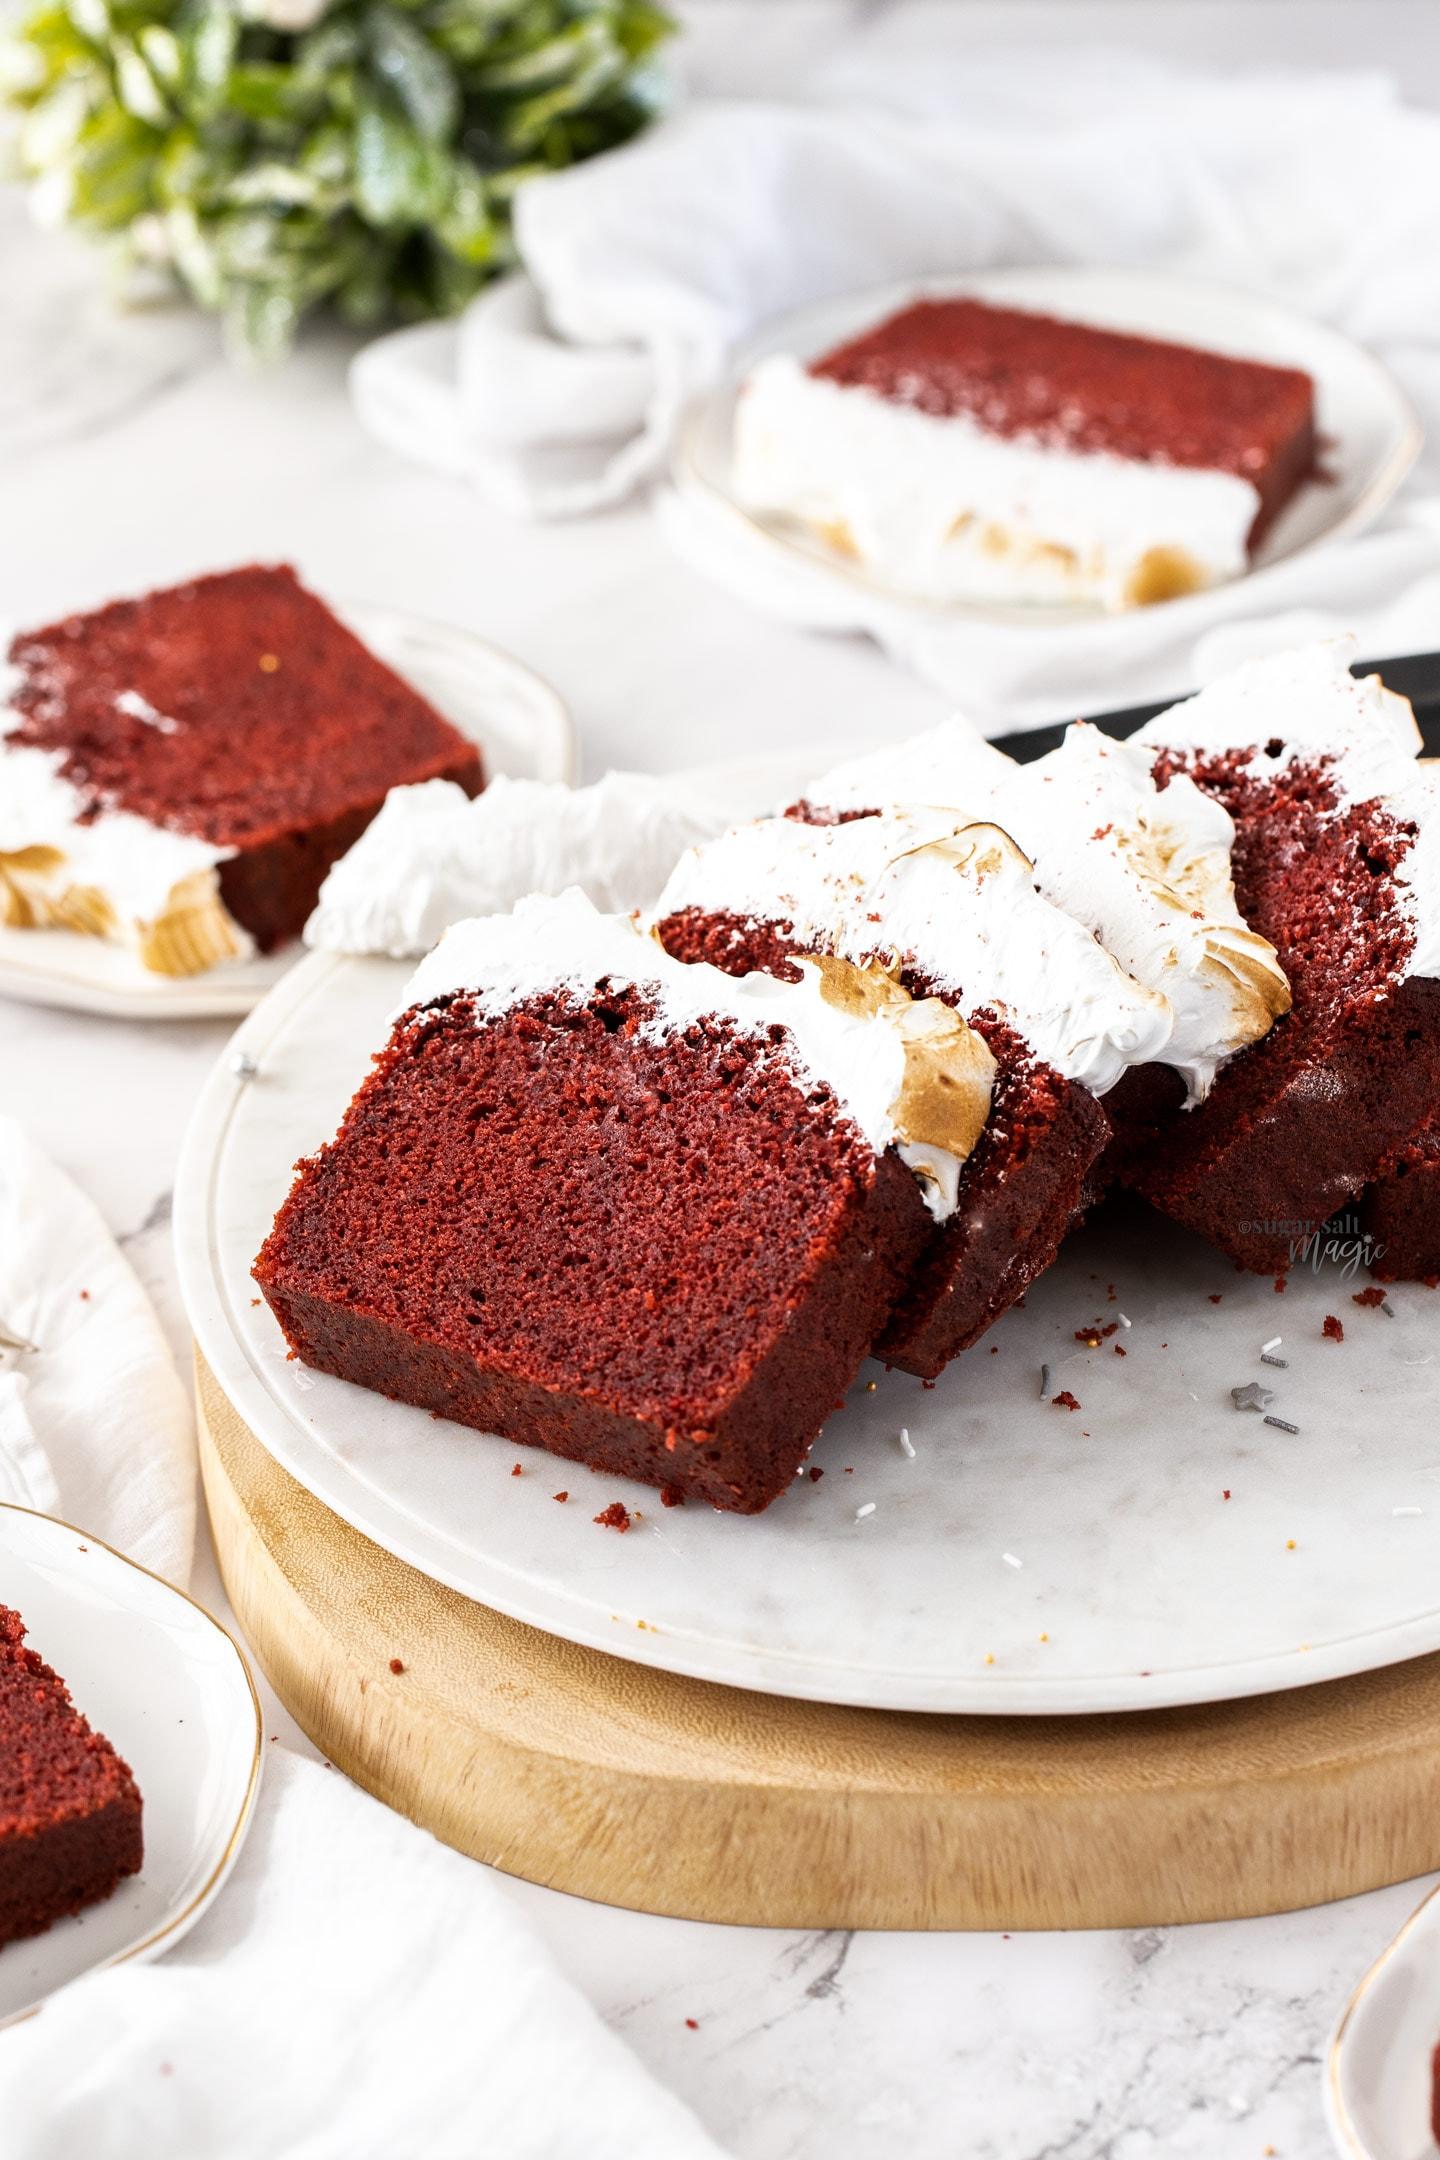 Slices of red velvet pound cake on a white platter